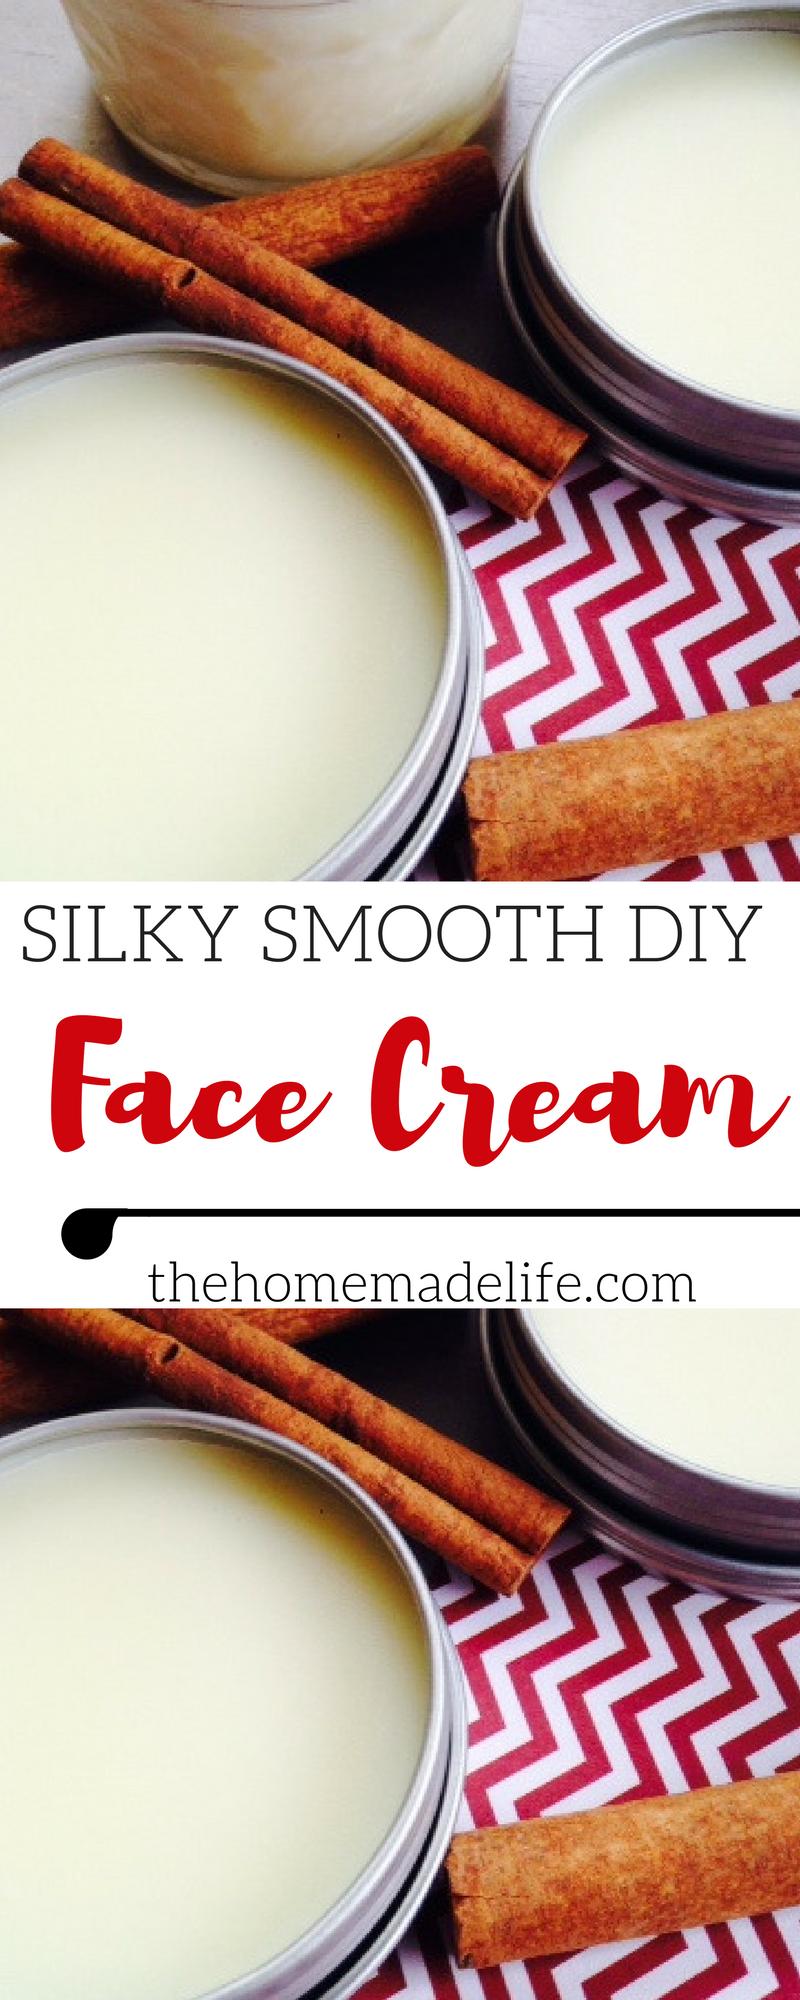 Silky Smooth DIY Face Cream